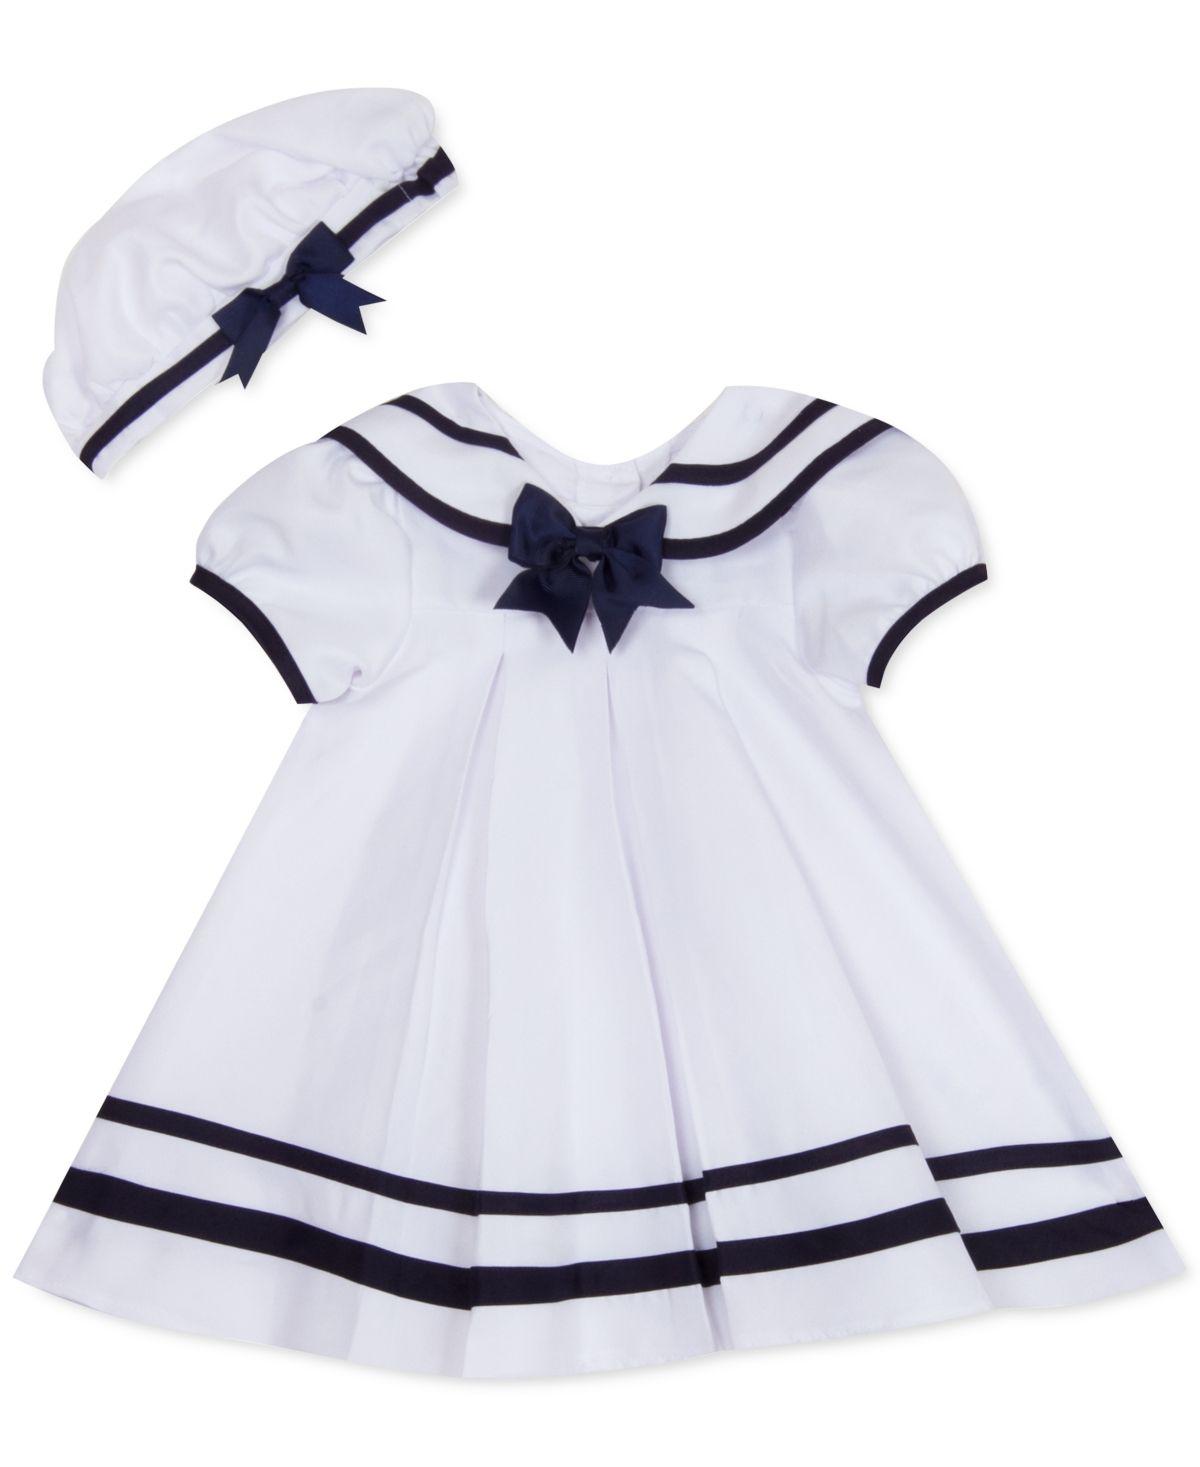 New Girl/'s 2pc White Sailor Dress